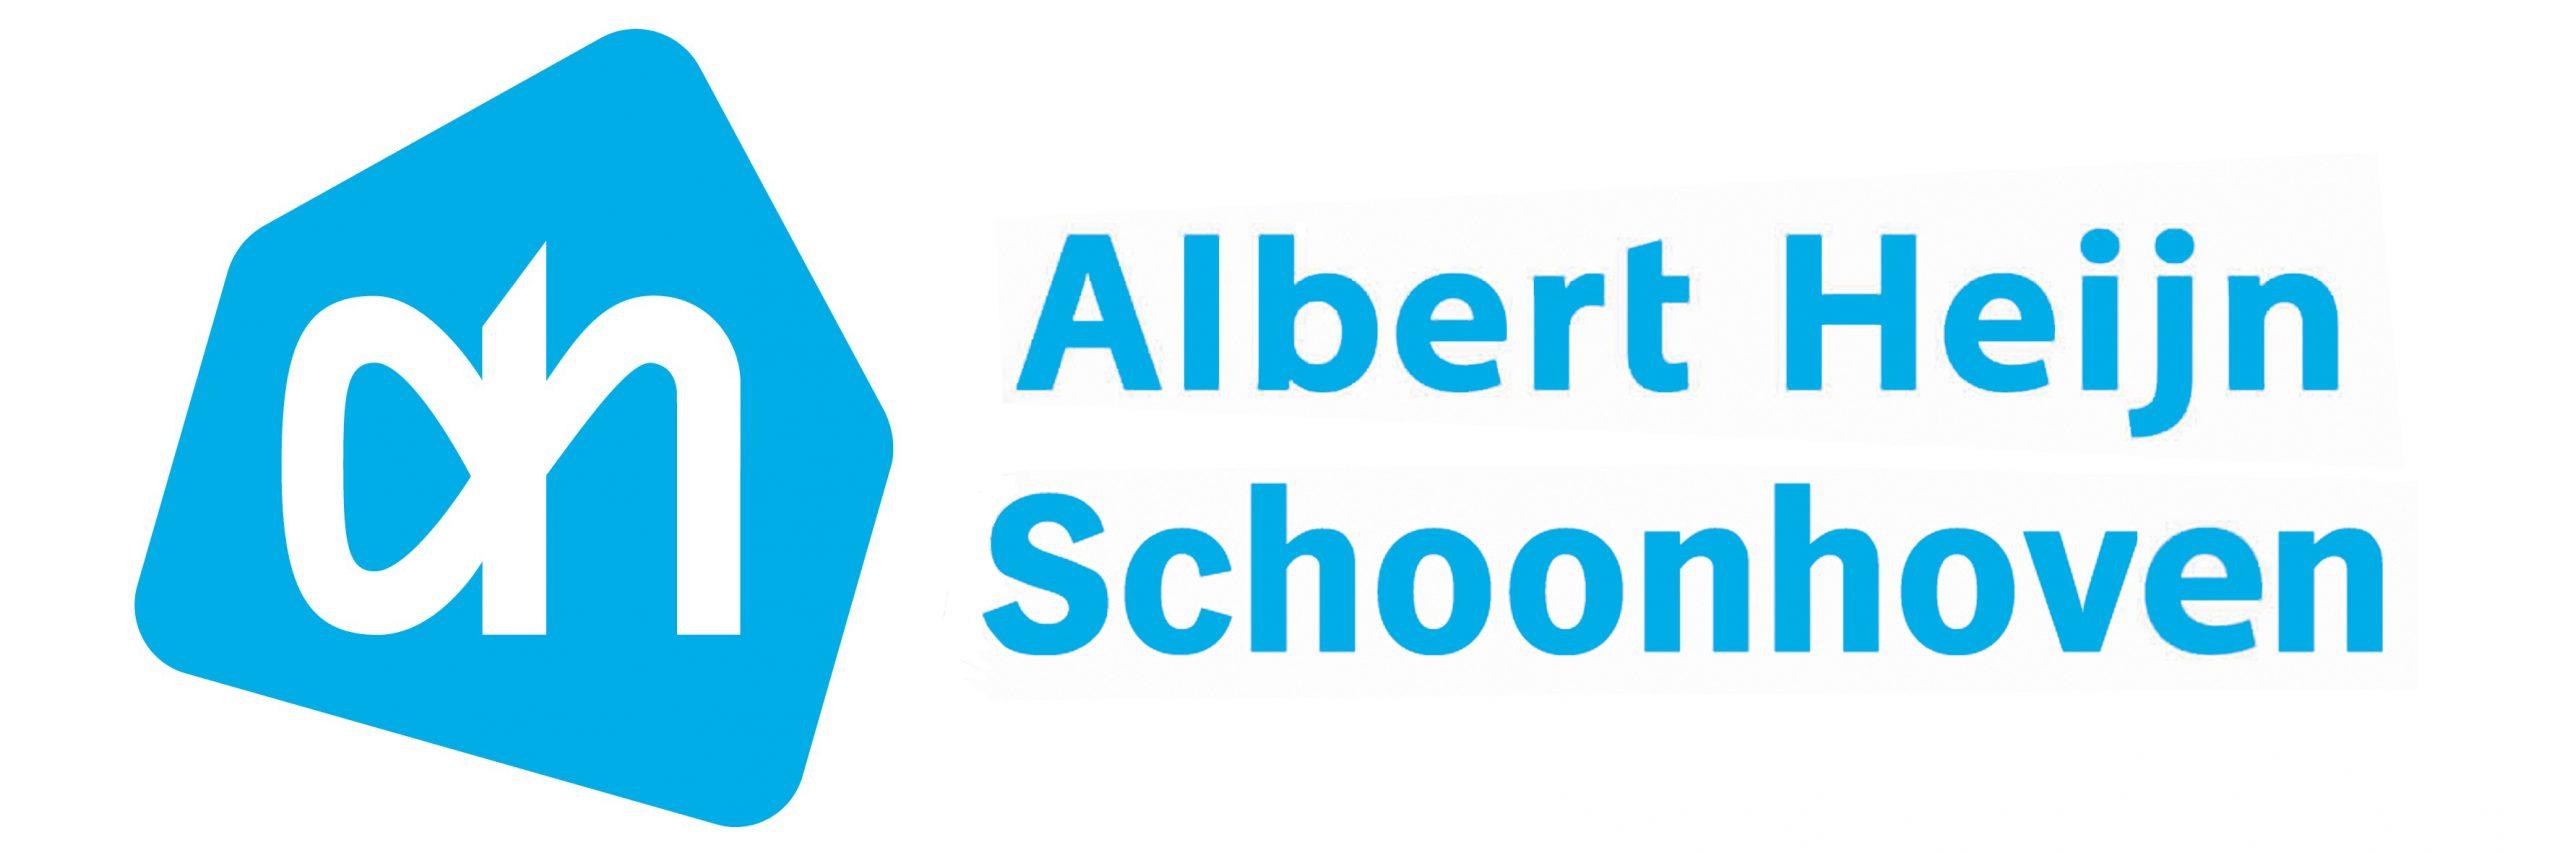 Albert Heijn Schoonhoven